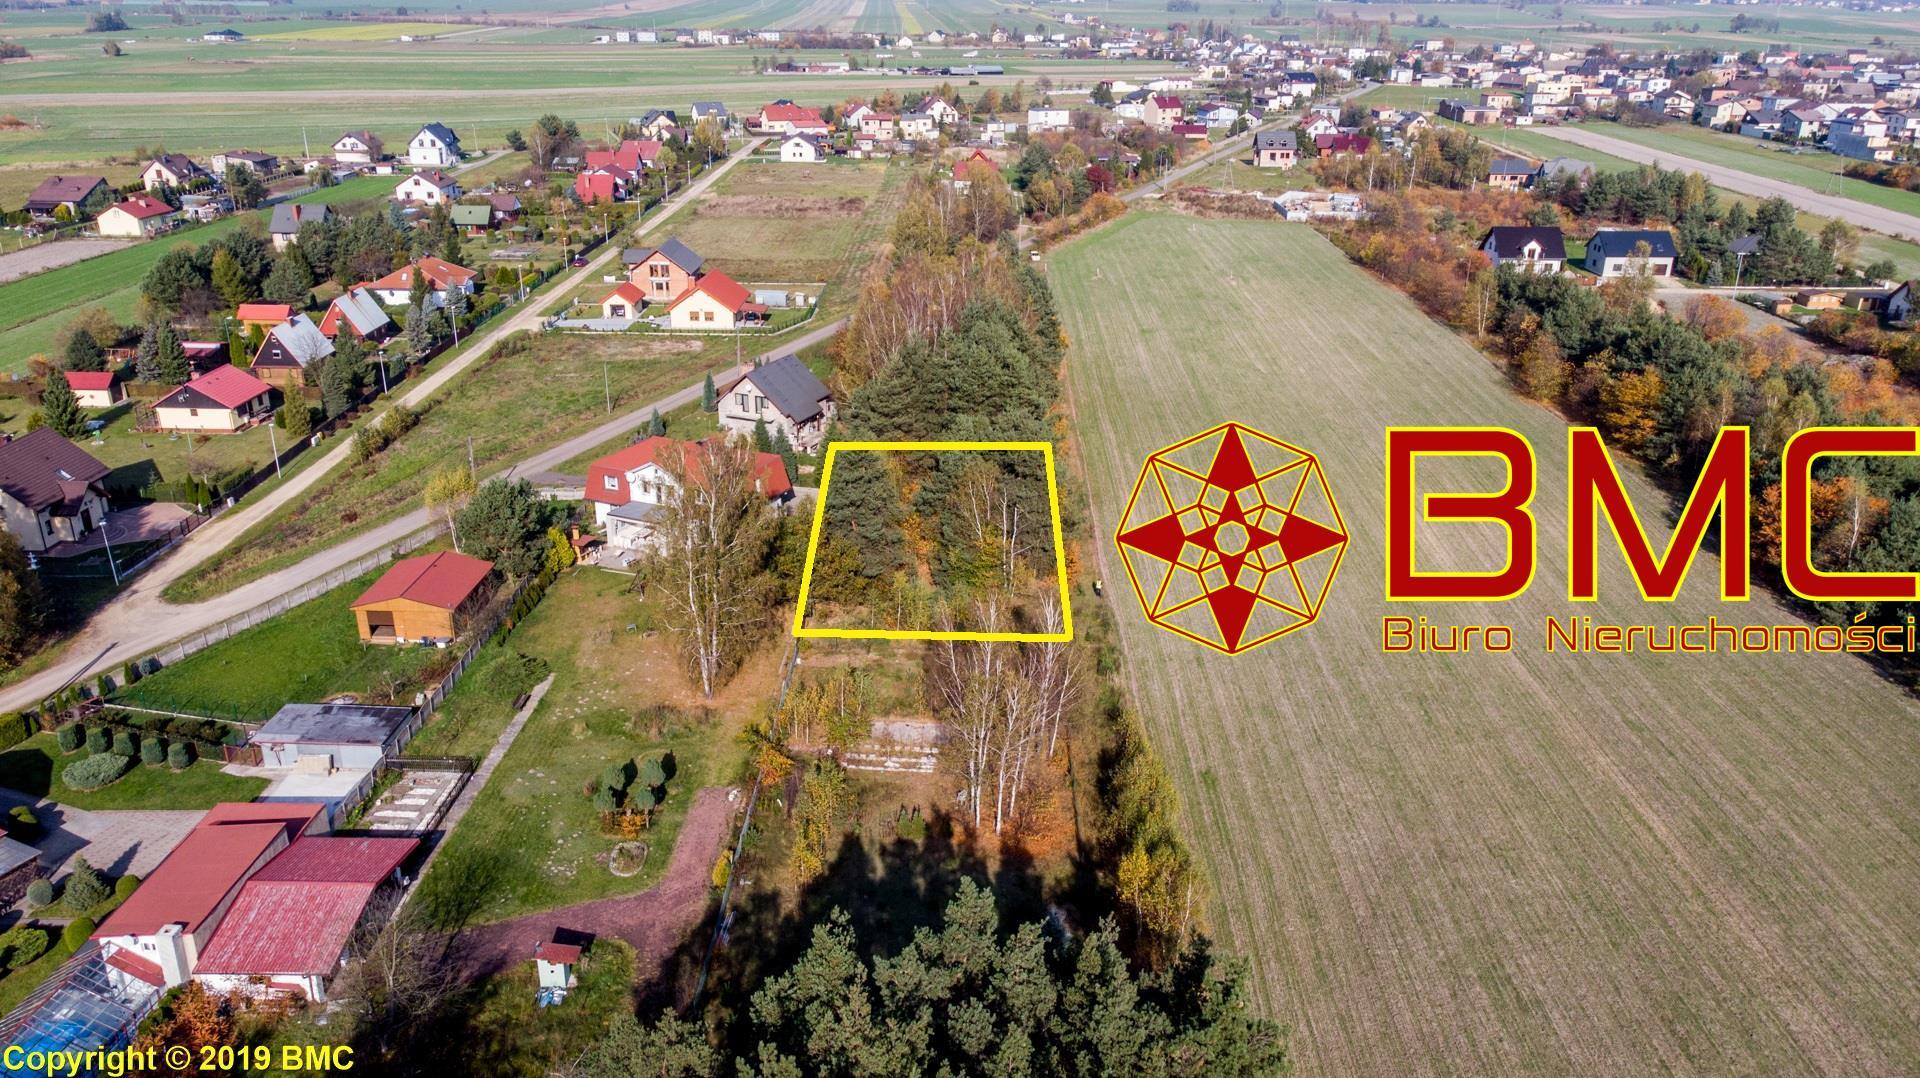 Nieruchomość Działka sprzedaż Rusinowice Działka budowlana 1000m2 -blisko lasu Rusinowice1